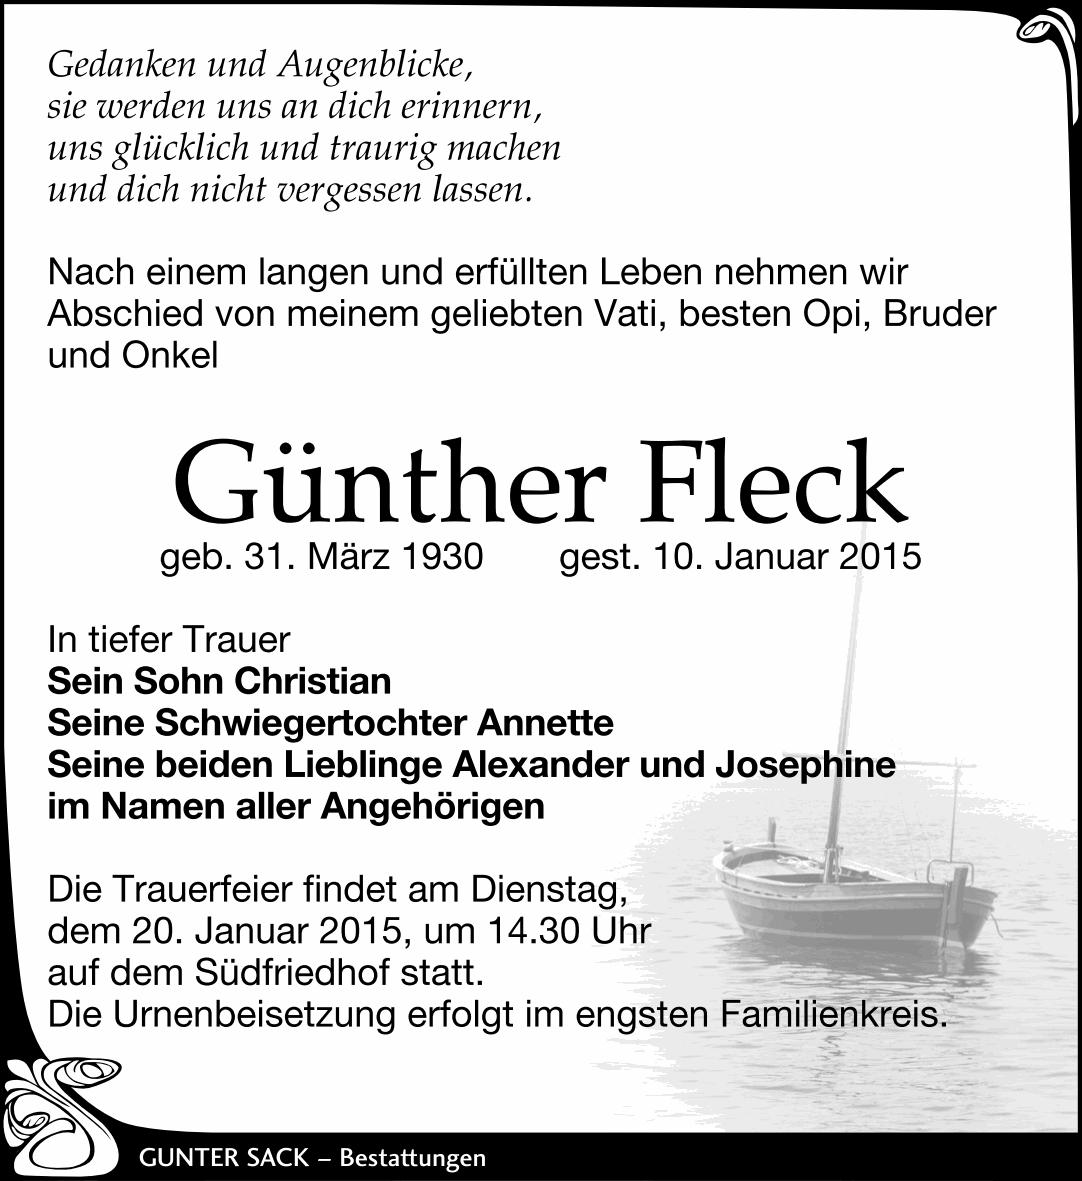 Traueranzeige Günther Fleck